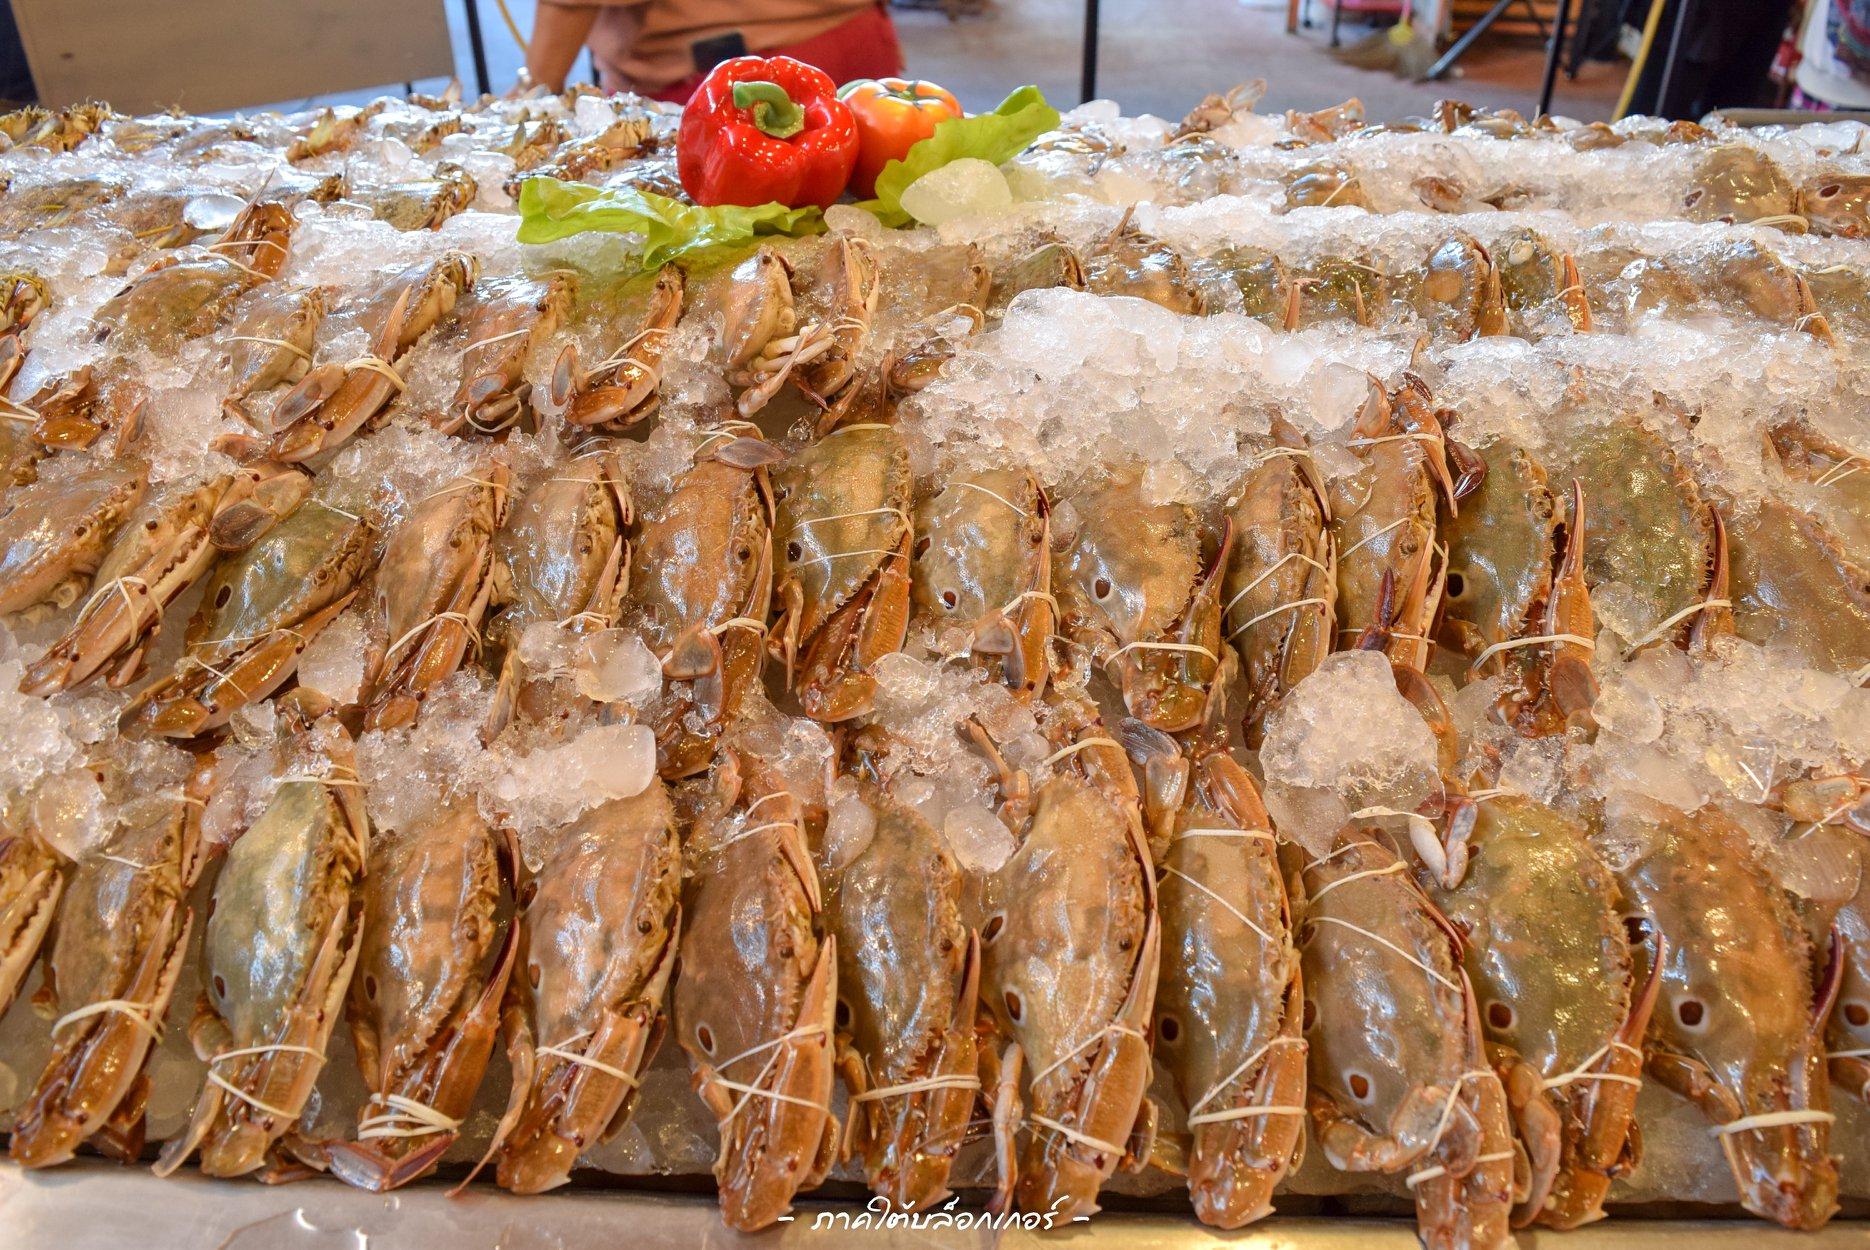 โอซาก้า,บุฟเฟ่ต์,ทะเลเผา,ภูเก็ต,ของกิน,ปิ้งย่าง,อาหารทะเลตามสั่ง